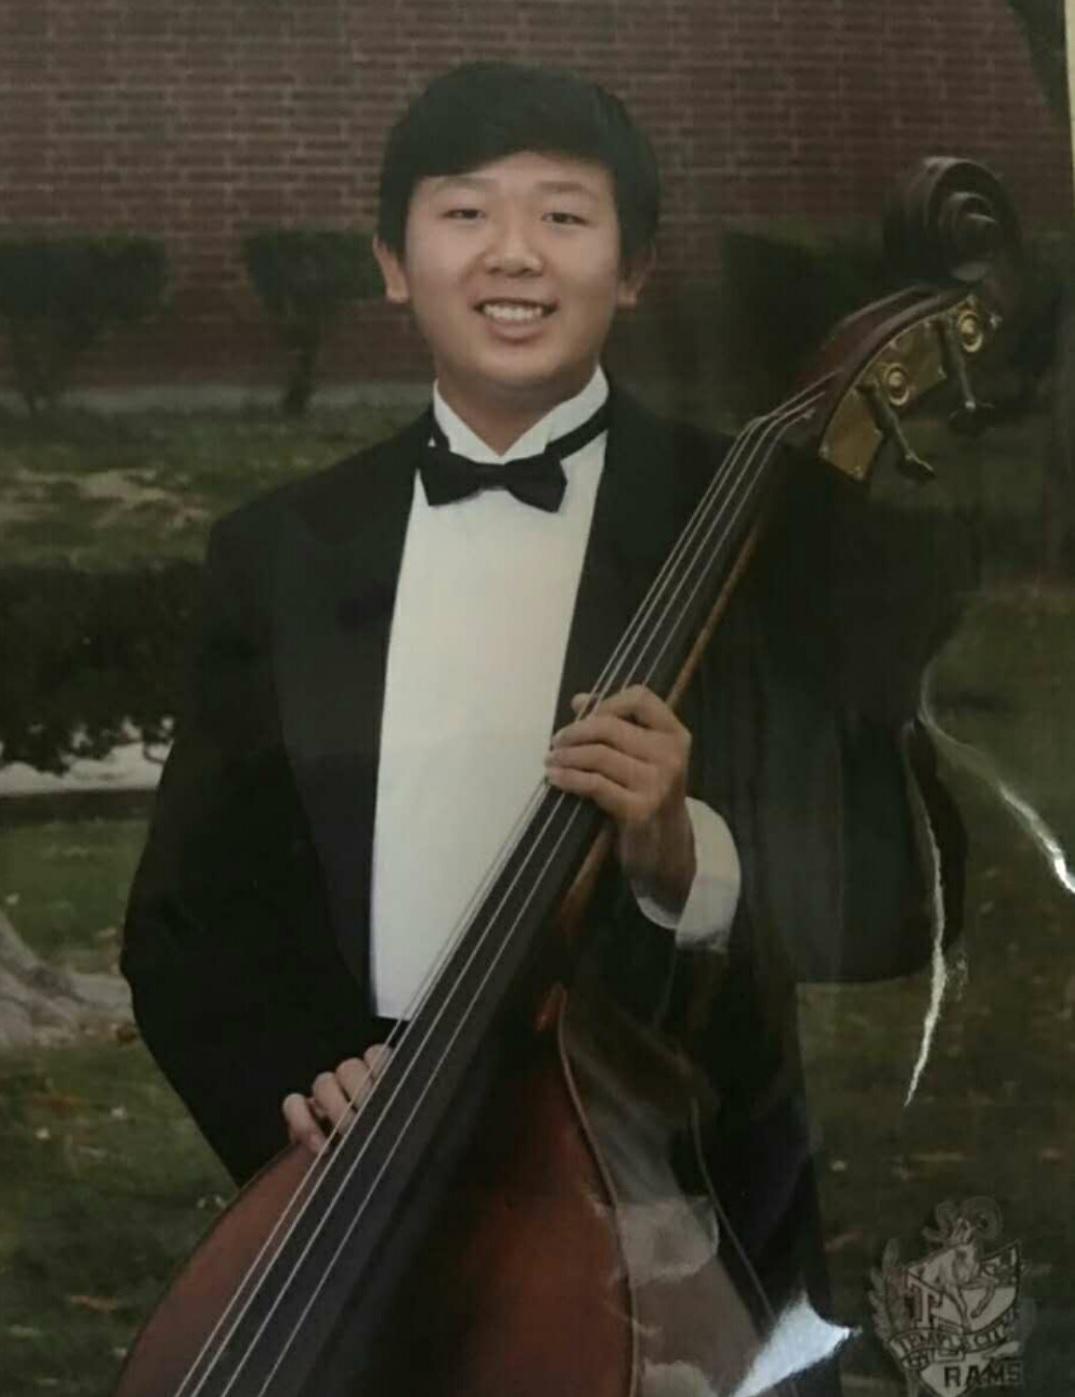 林楚辉  低音提琴演奏员  曾参加梅拉诺文化演艺公司举办的 【花好月圆 ii 】的大型演出活动。